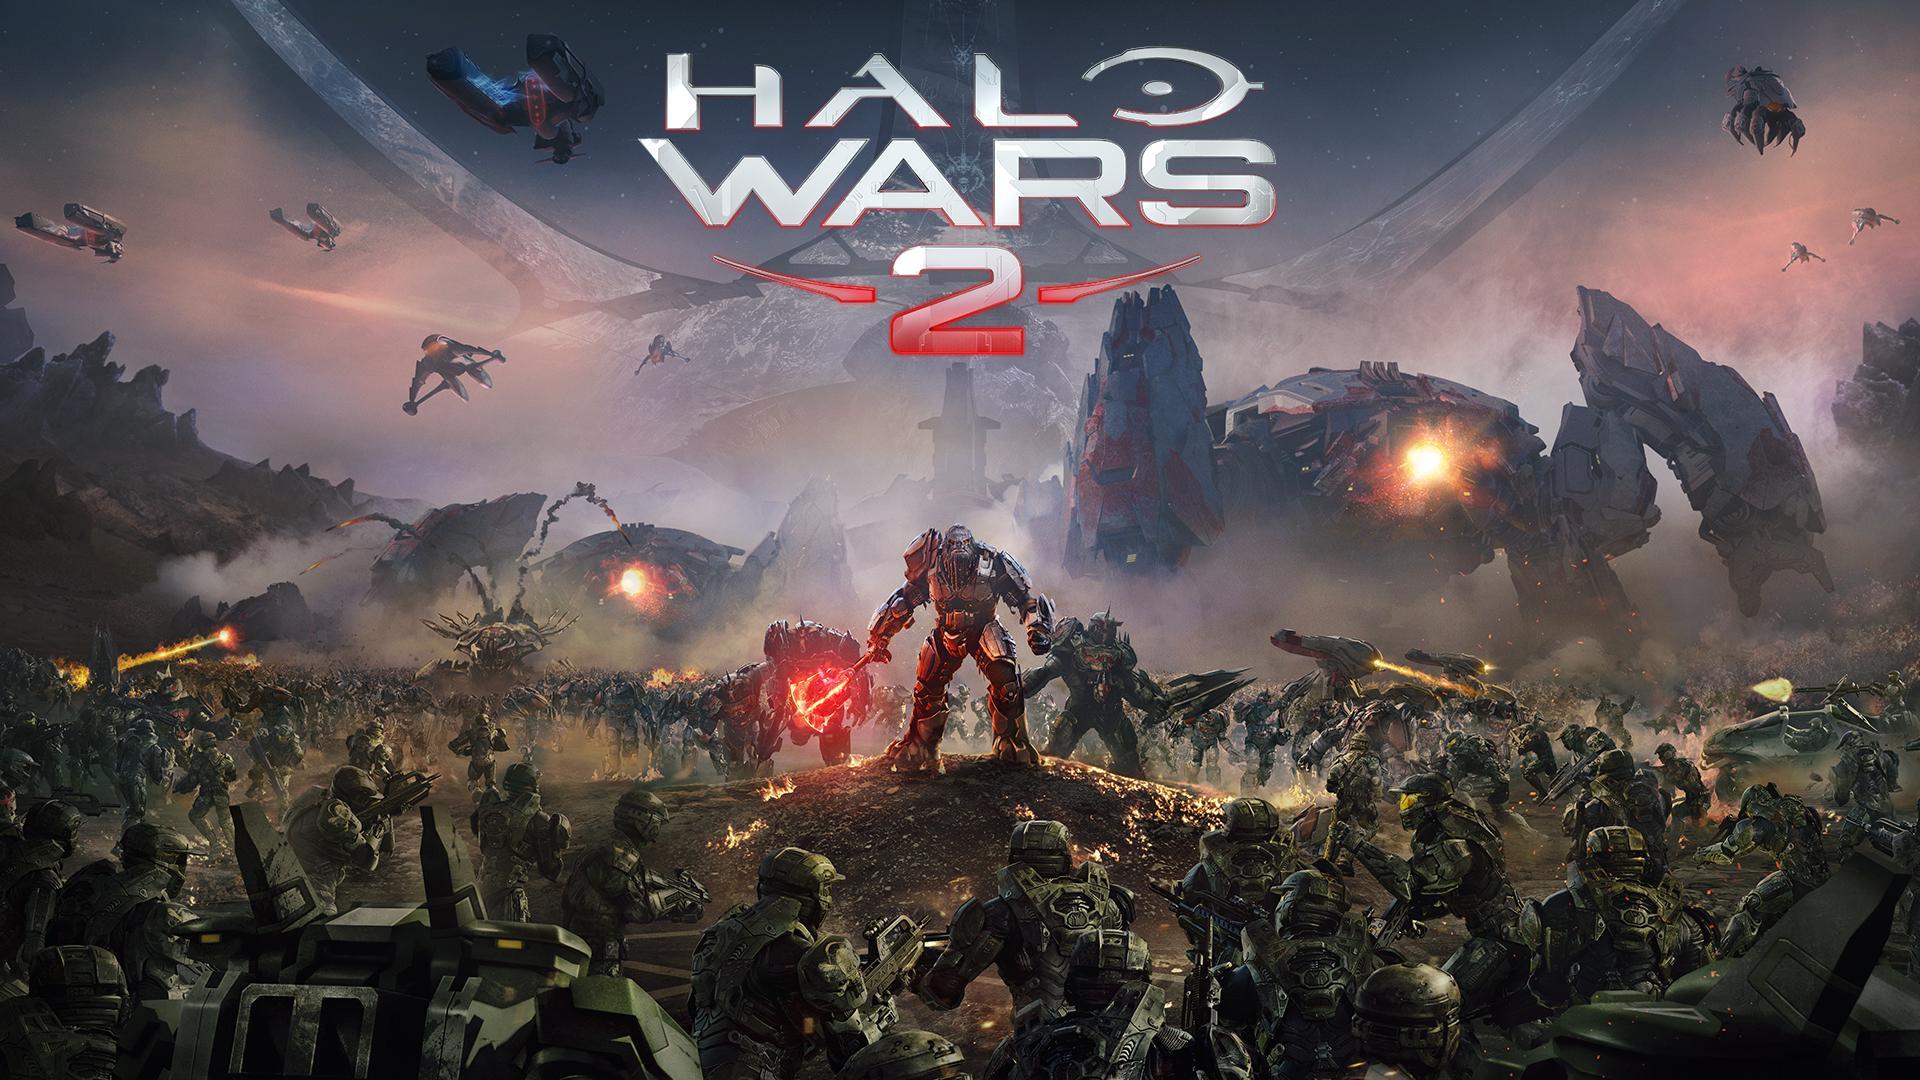 Halo Wars 2 Launch - Die Xbox wurde ins All geschickt